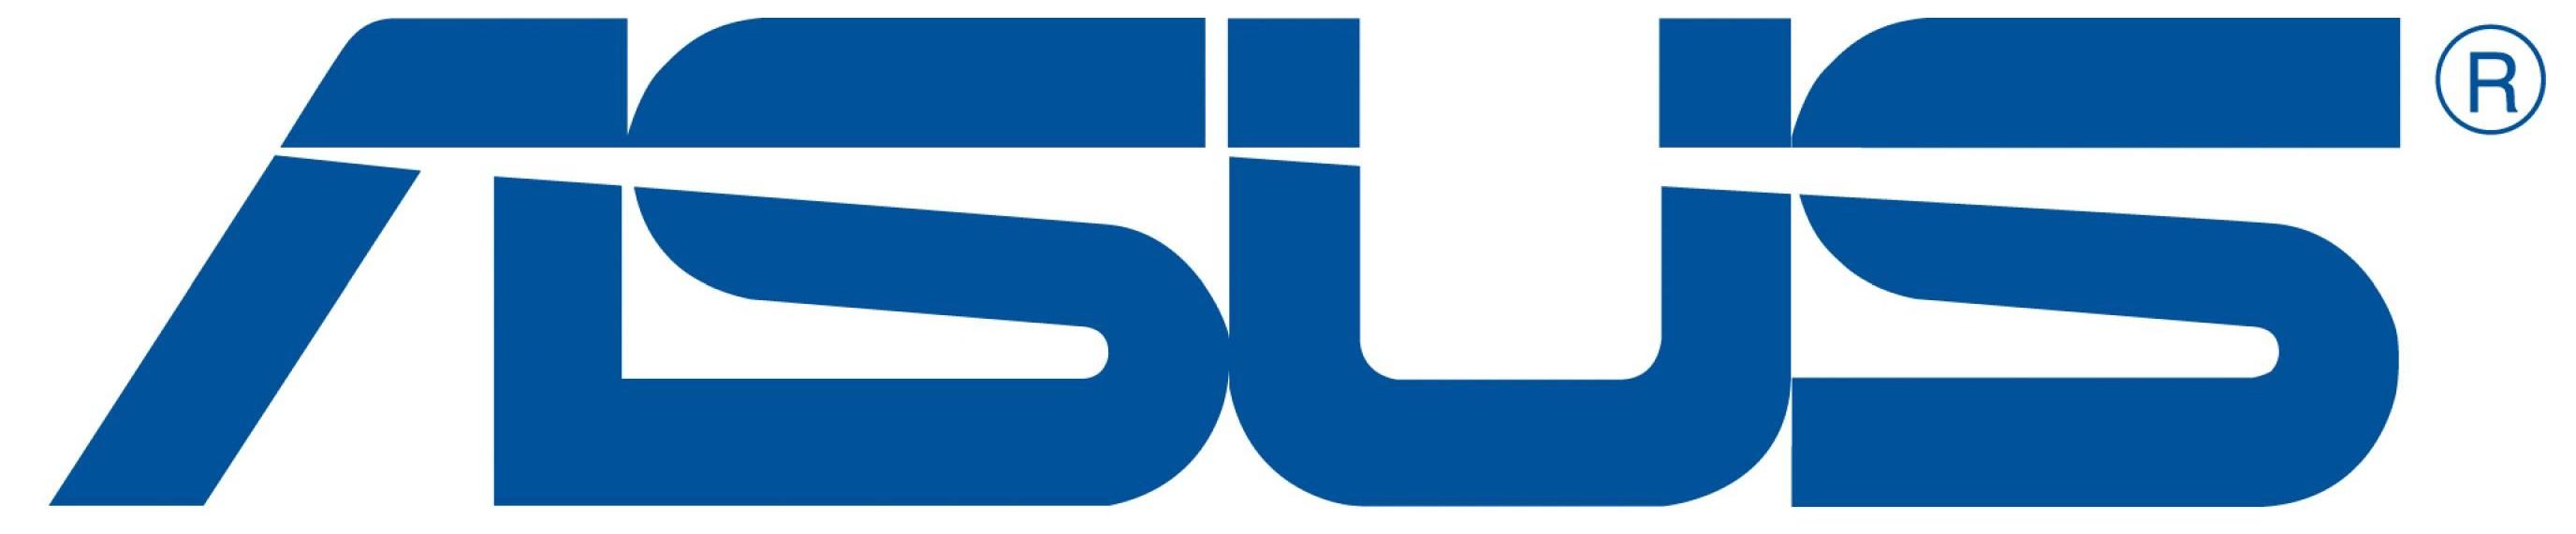 Asus symbol wallpapers HD